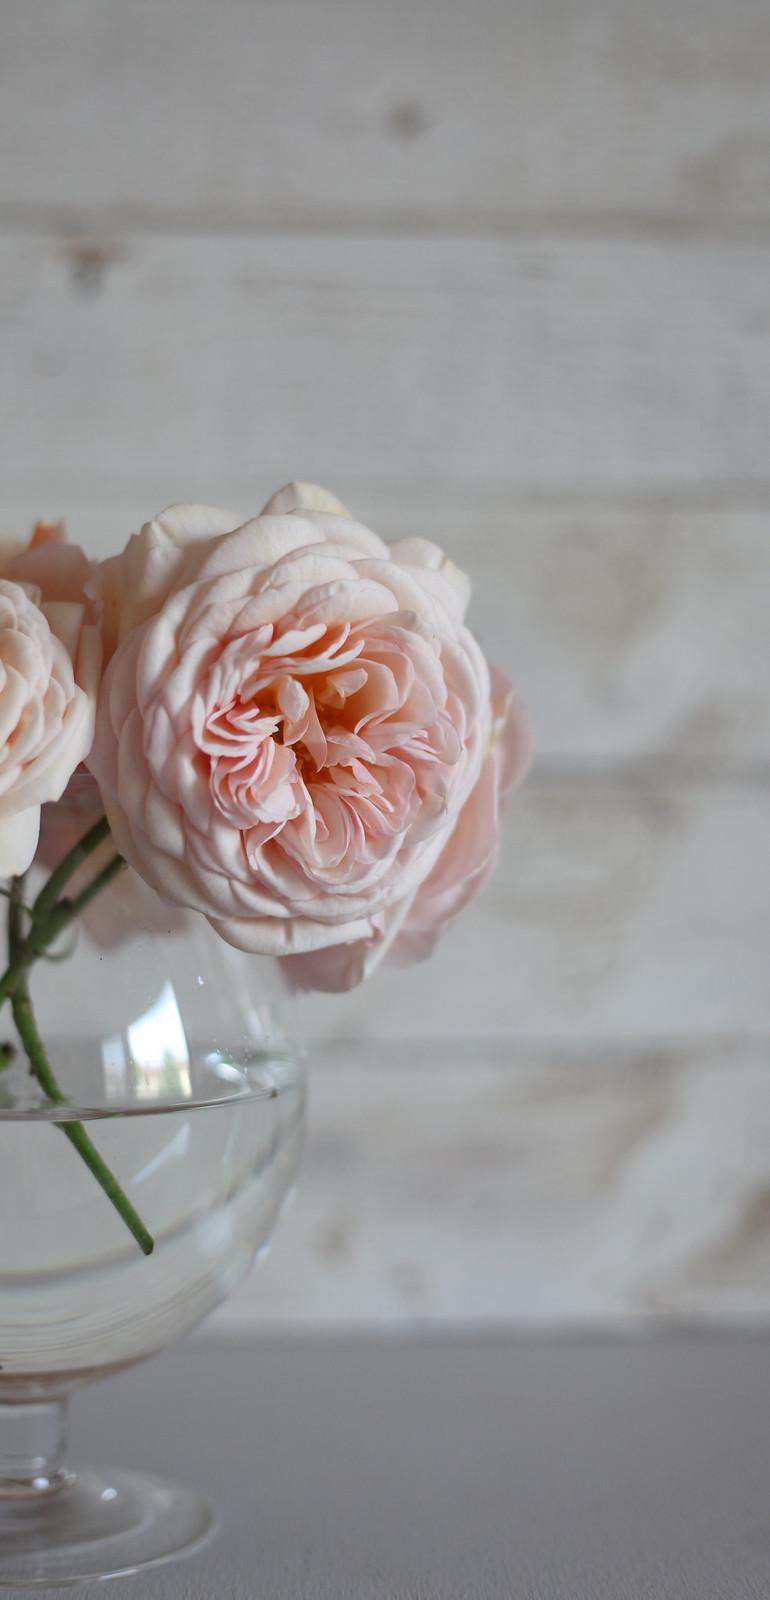 Rose 008